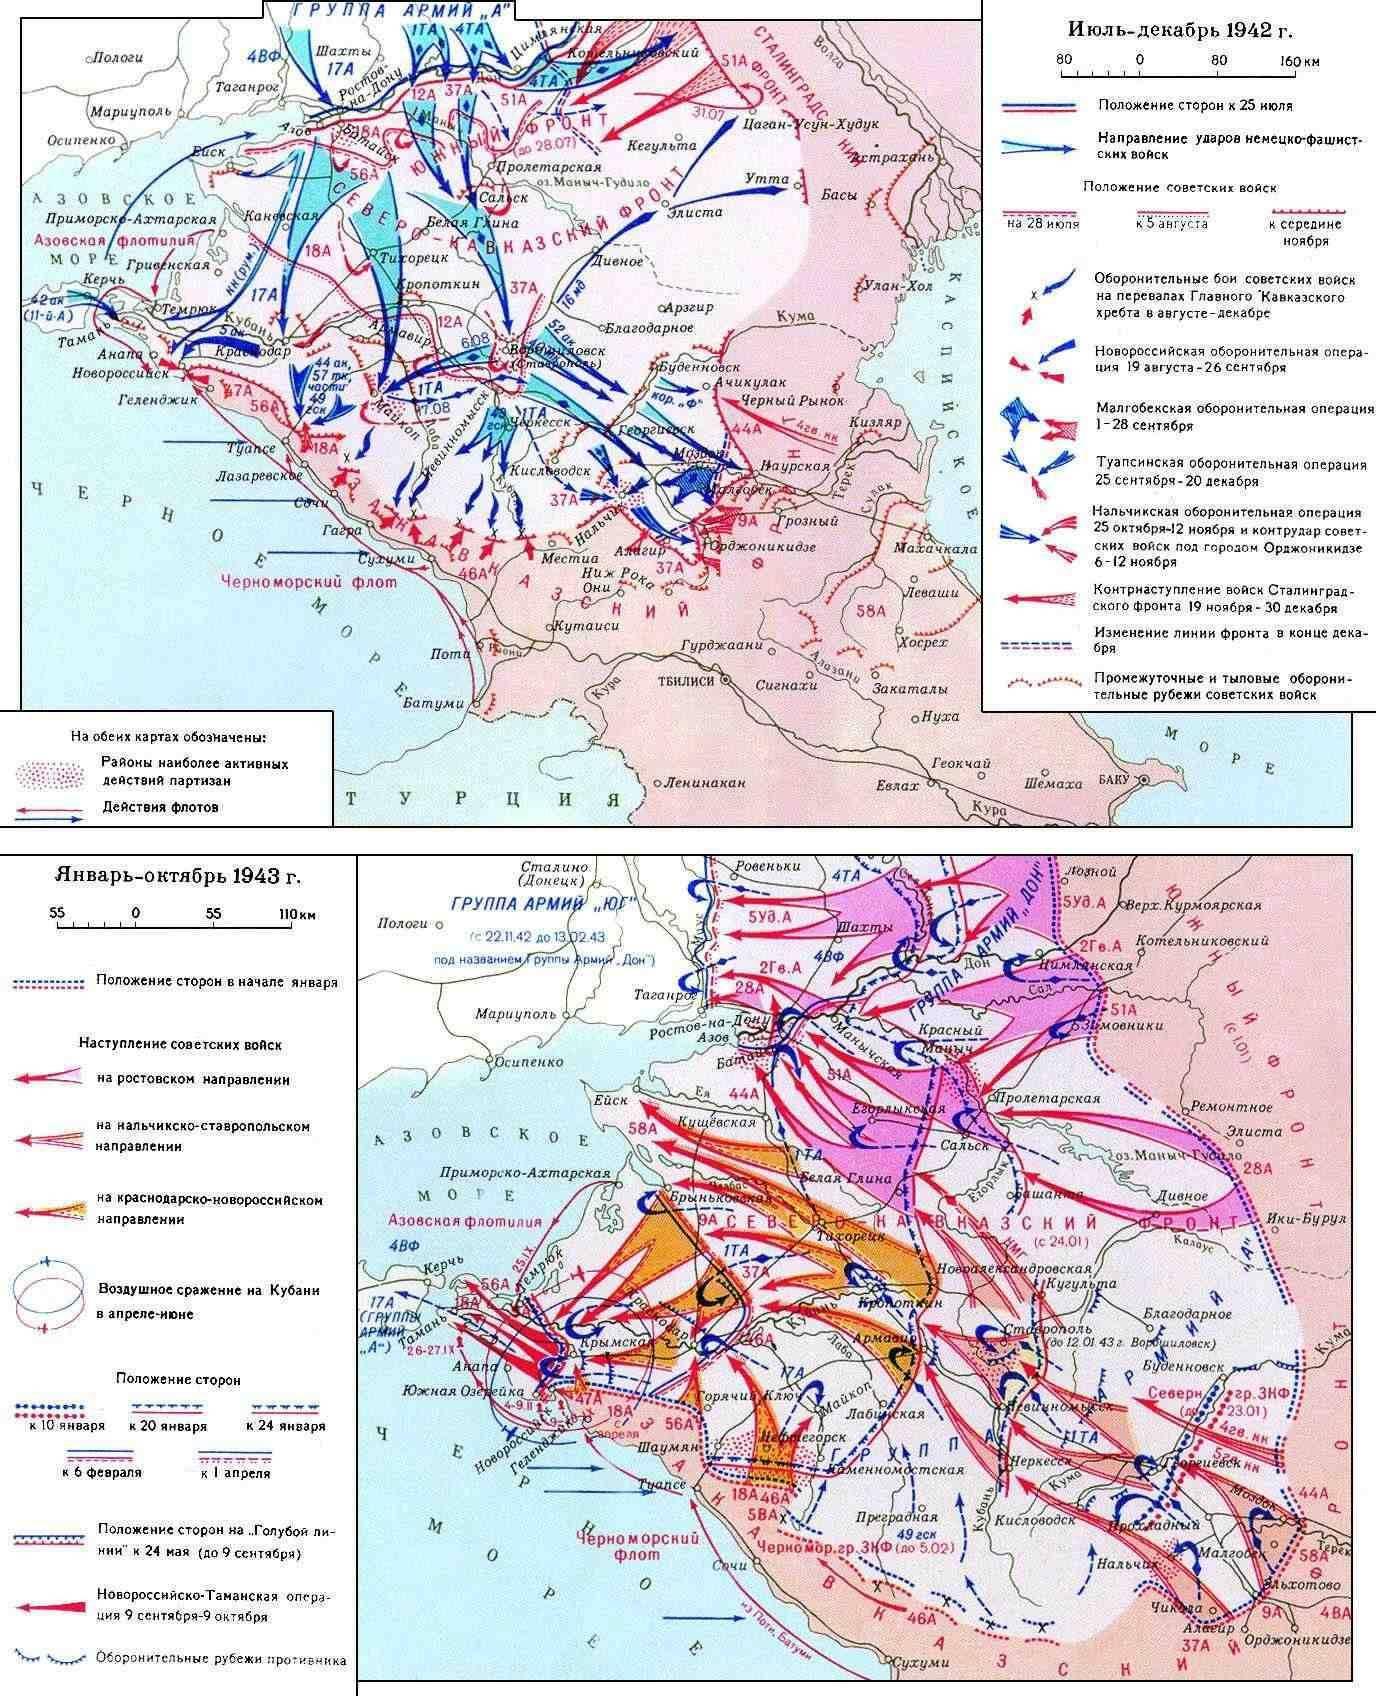 схема битвы близ города замы